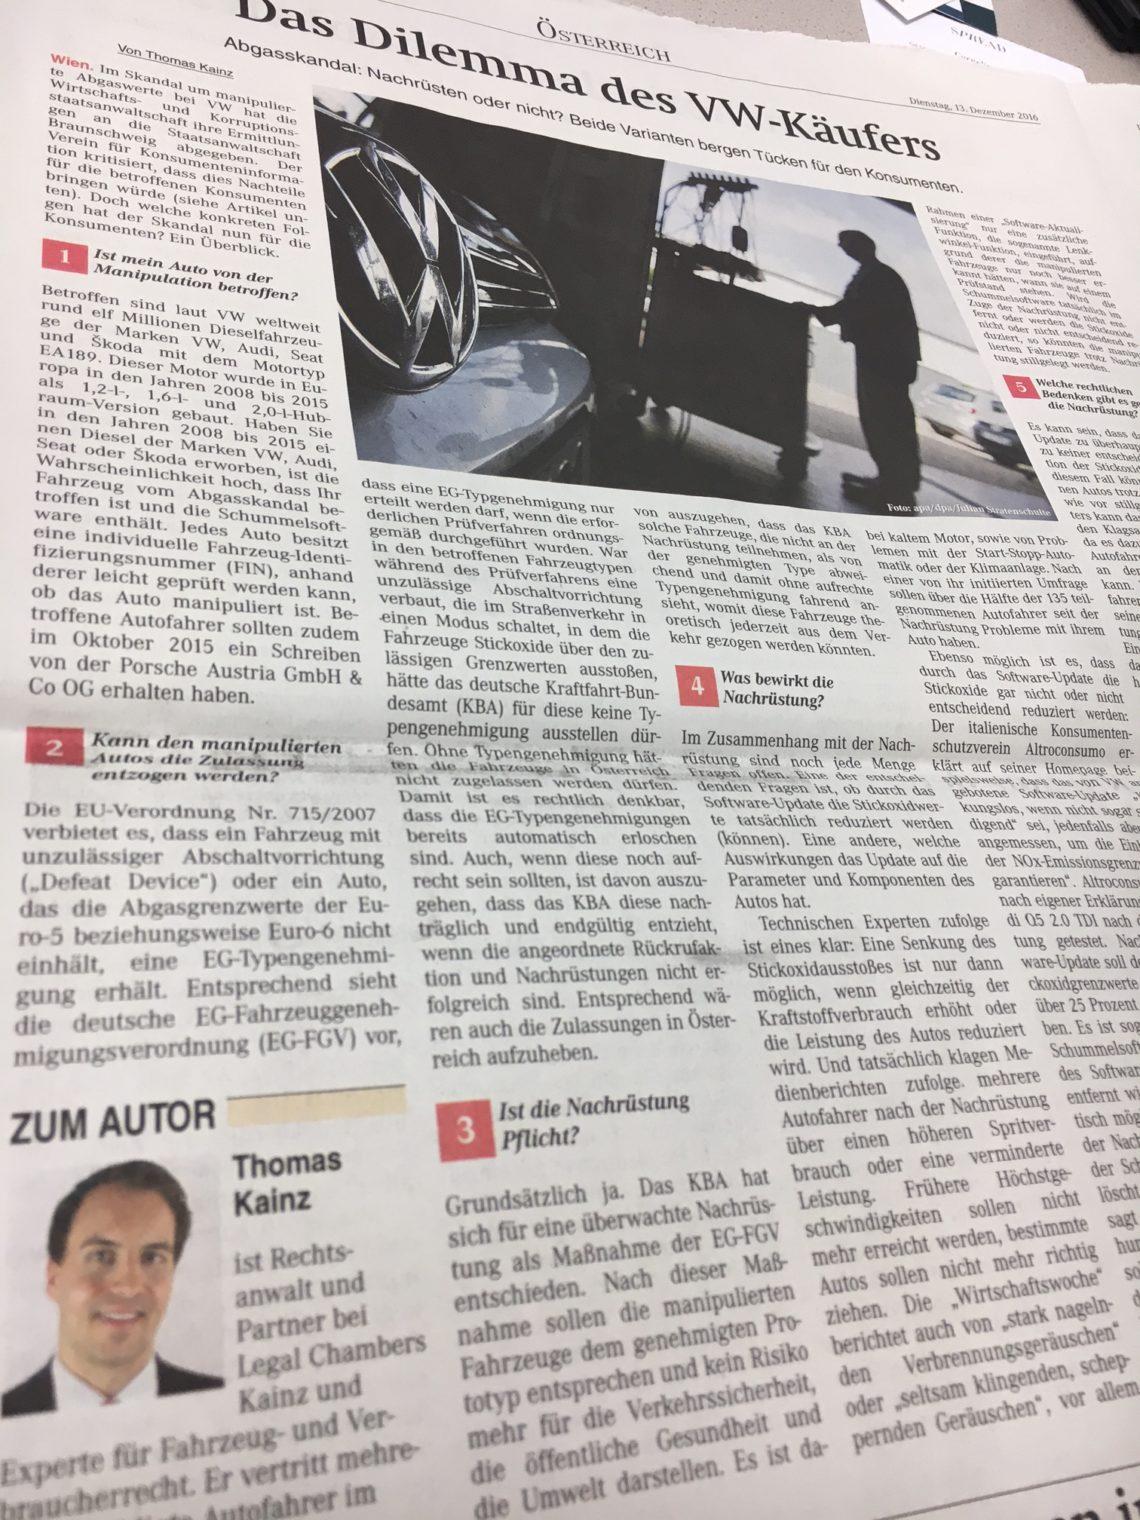 Der VW-Skandal